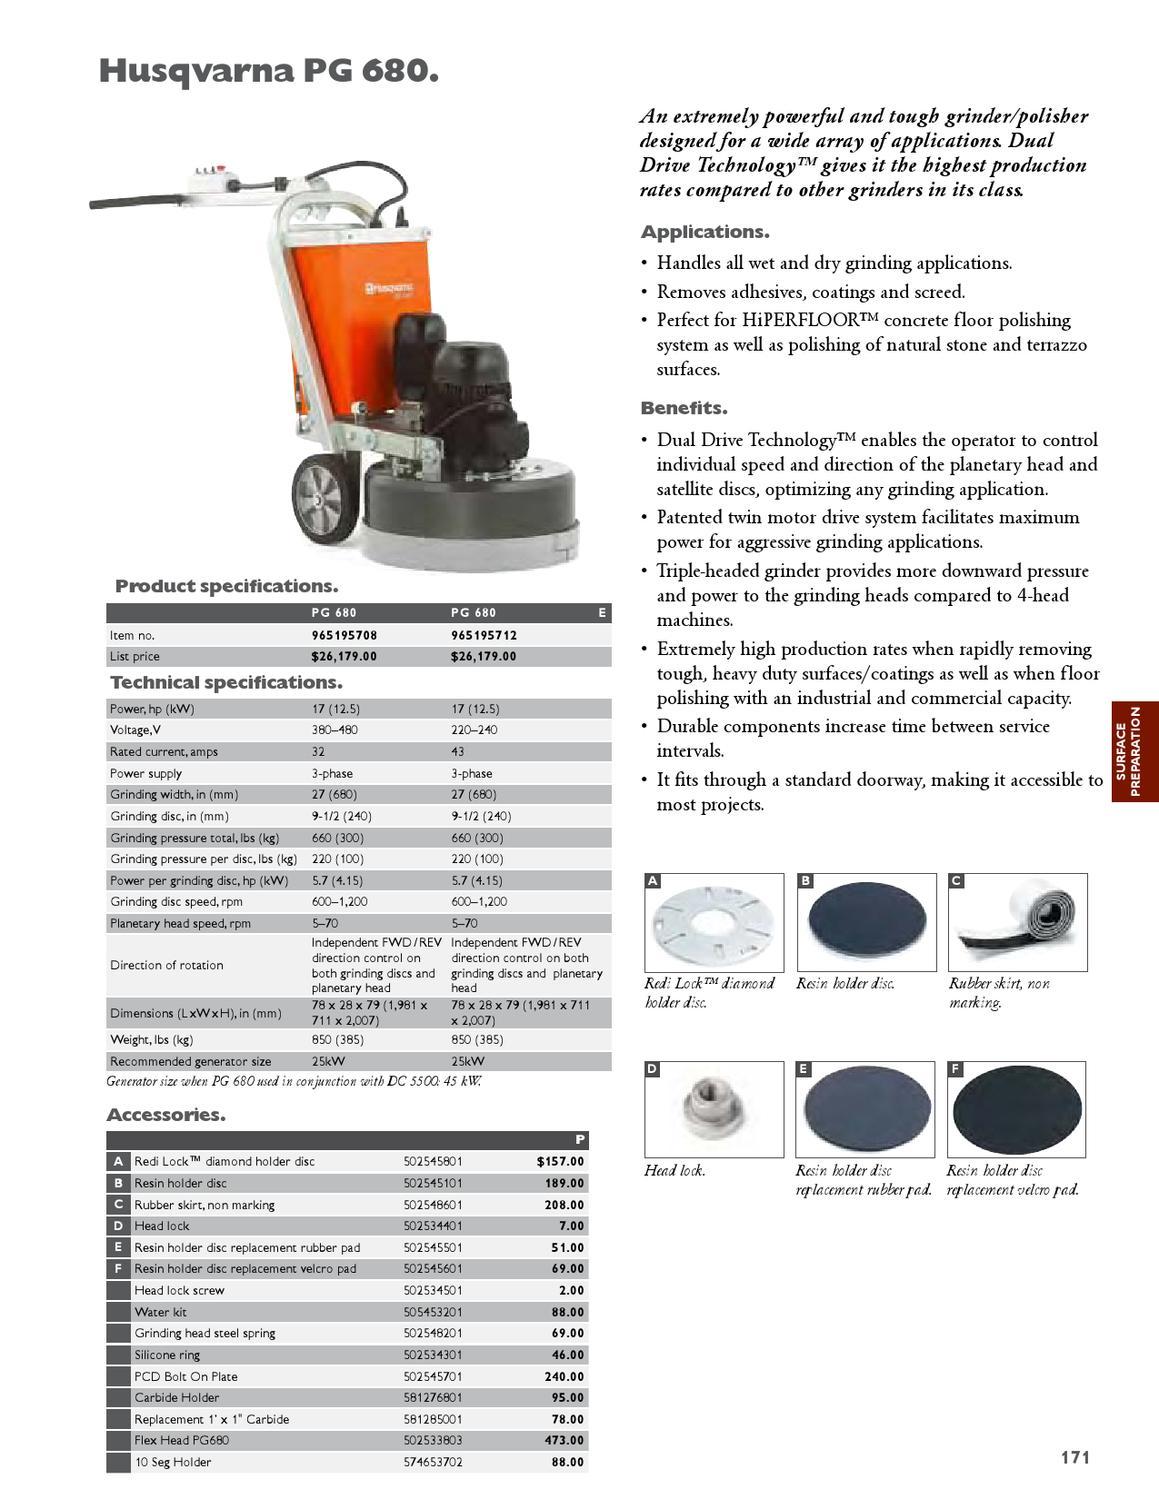 2013 Husqvarna Construction Products Catalog - Canada